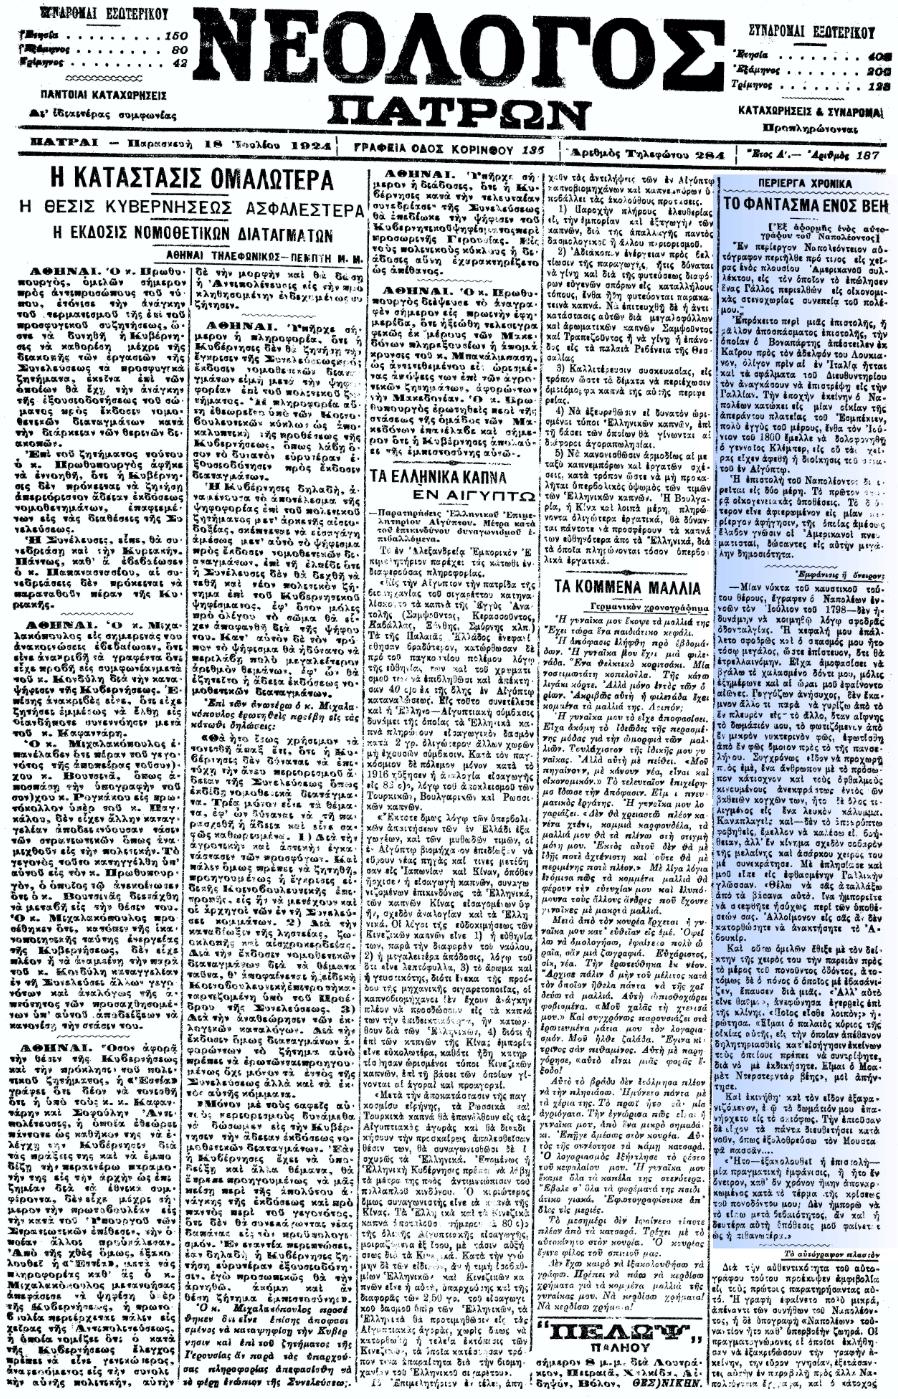 """Το άρθρο, όπως δημοσιεύθηκε στην εφημερίδα """"ΝΕΟΛΟΓΟΣ ΠΑΤΡΩΝ"""", στις 18/07/1924"""